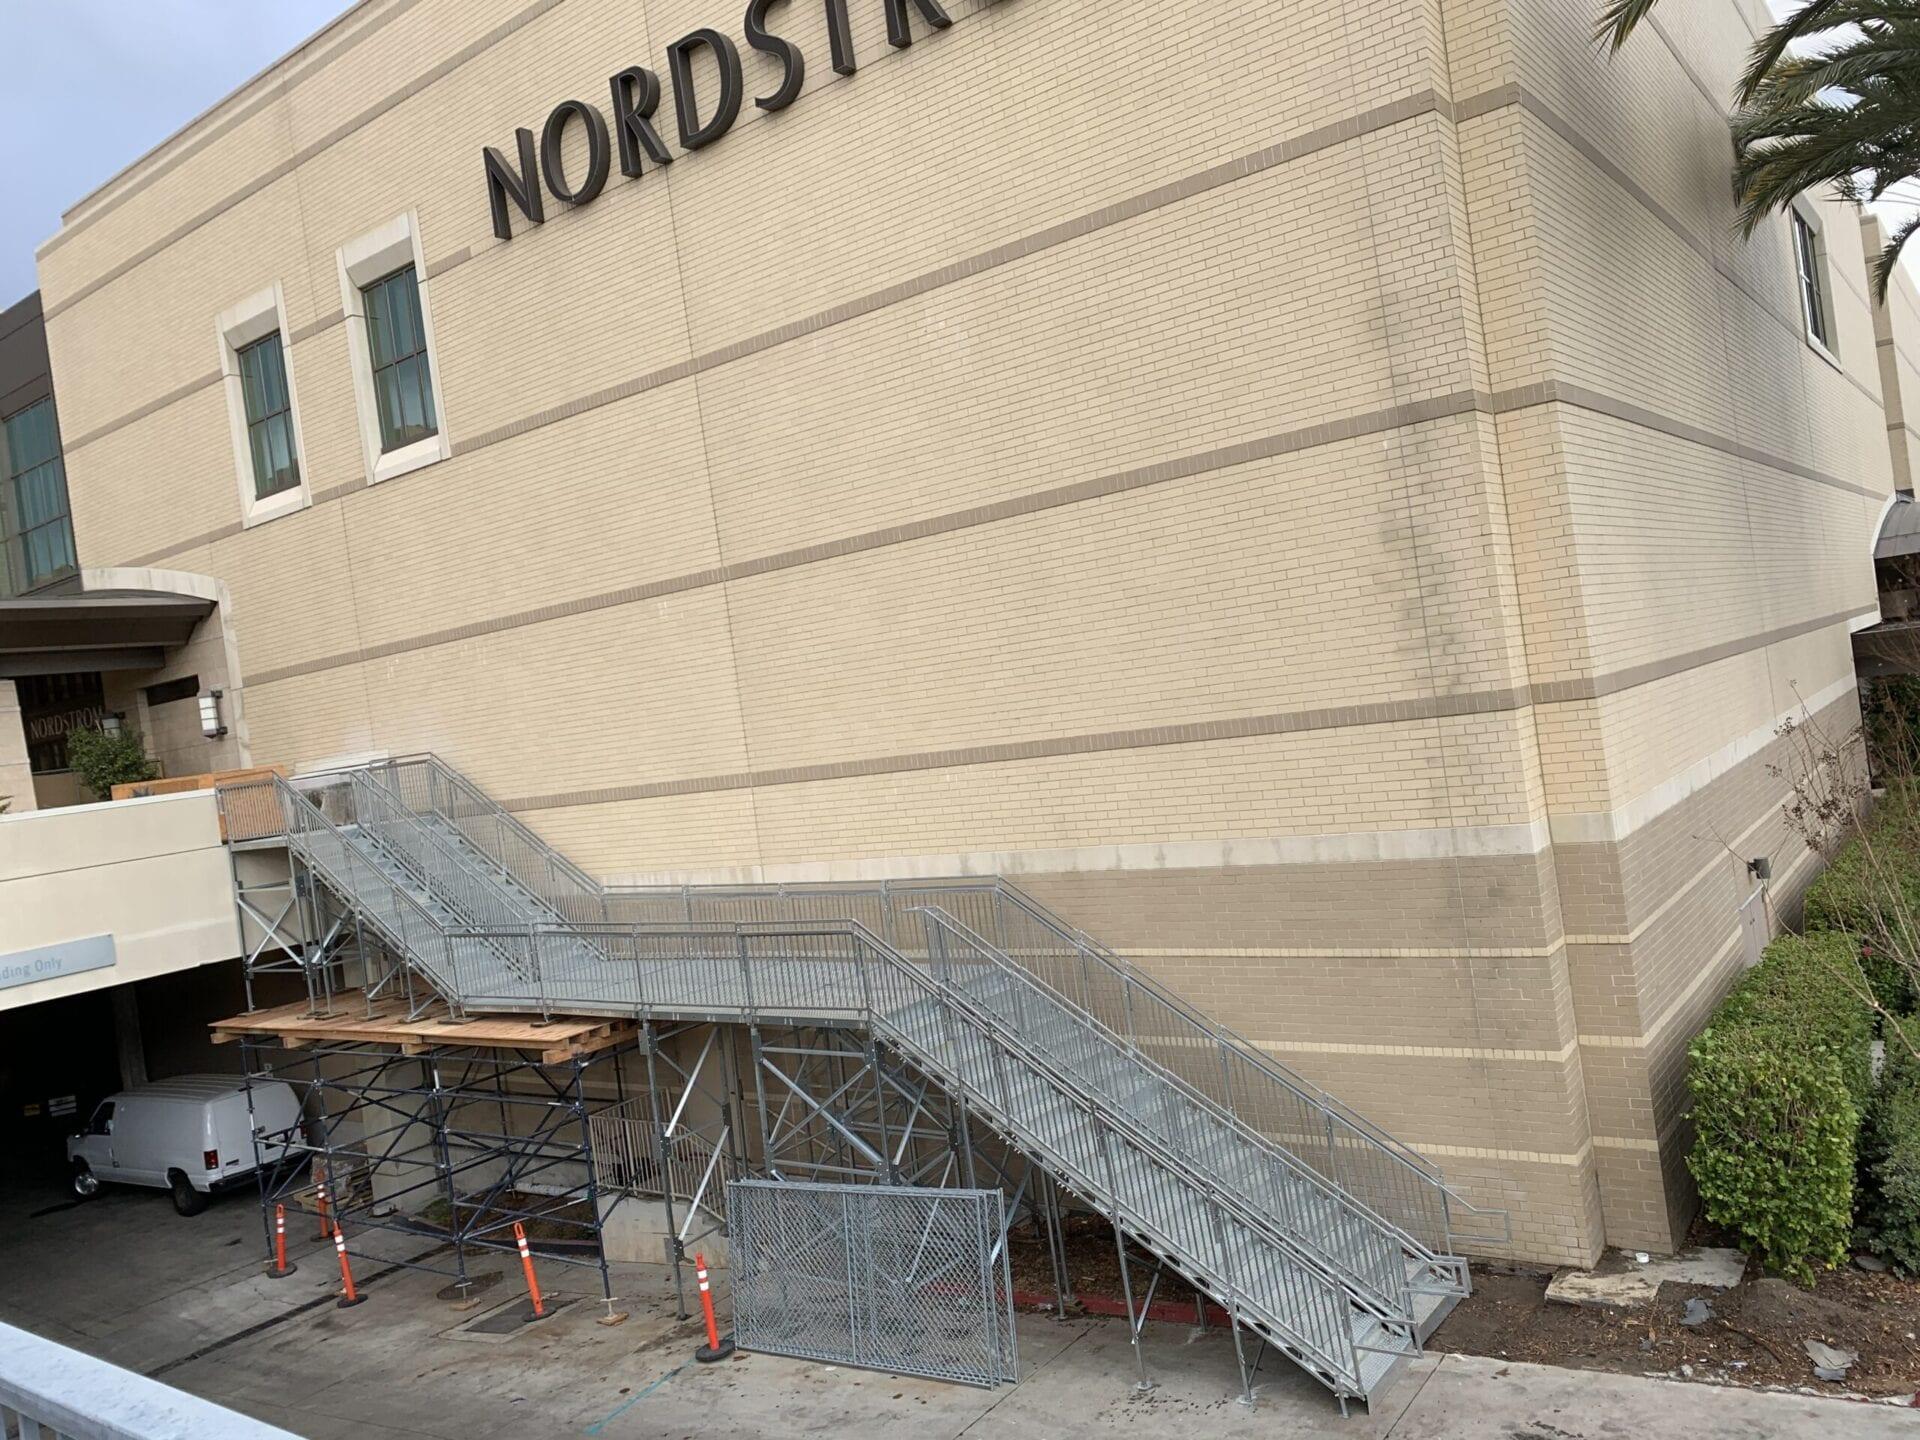 NordstromTopangaVertical